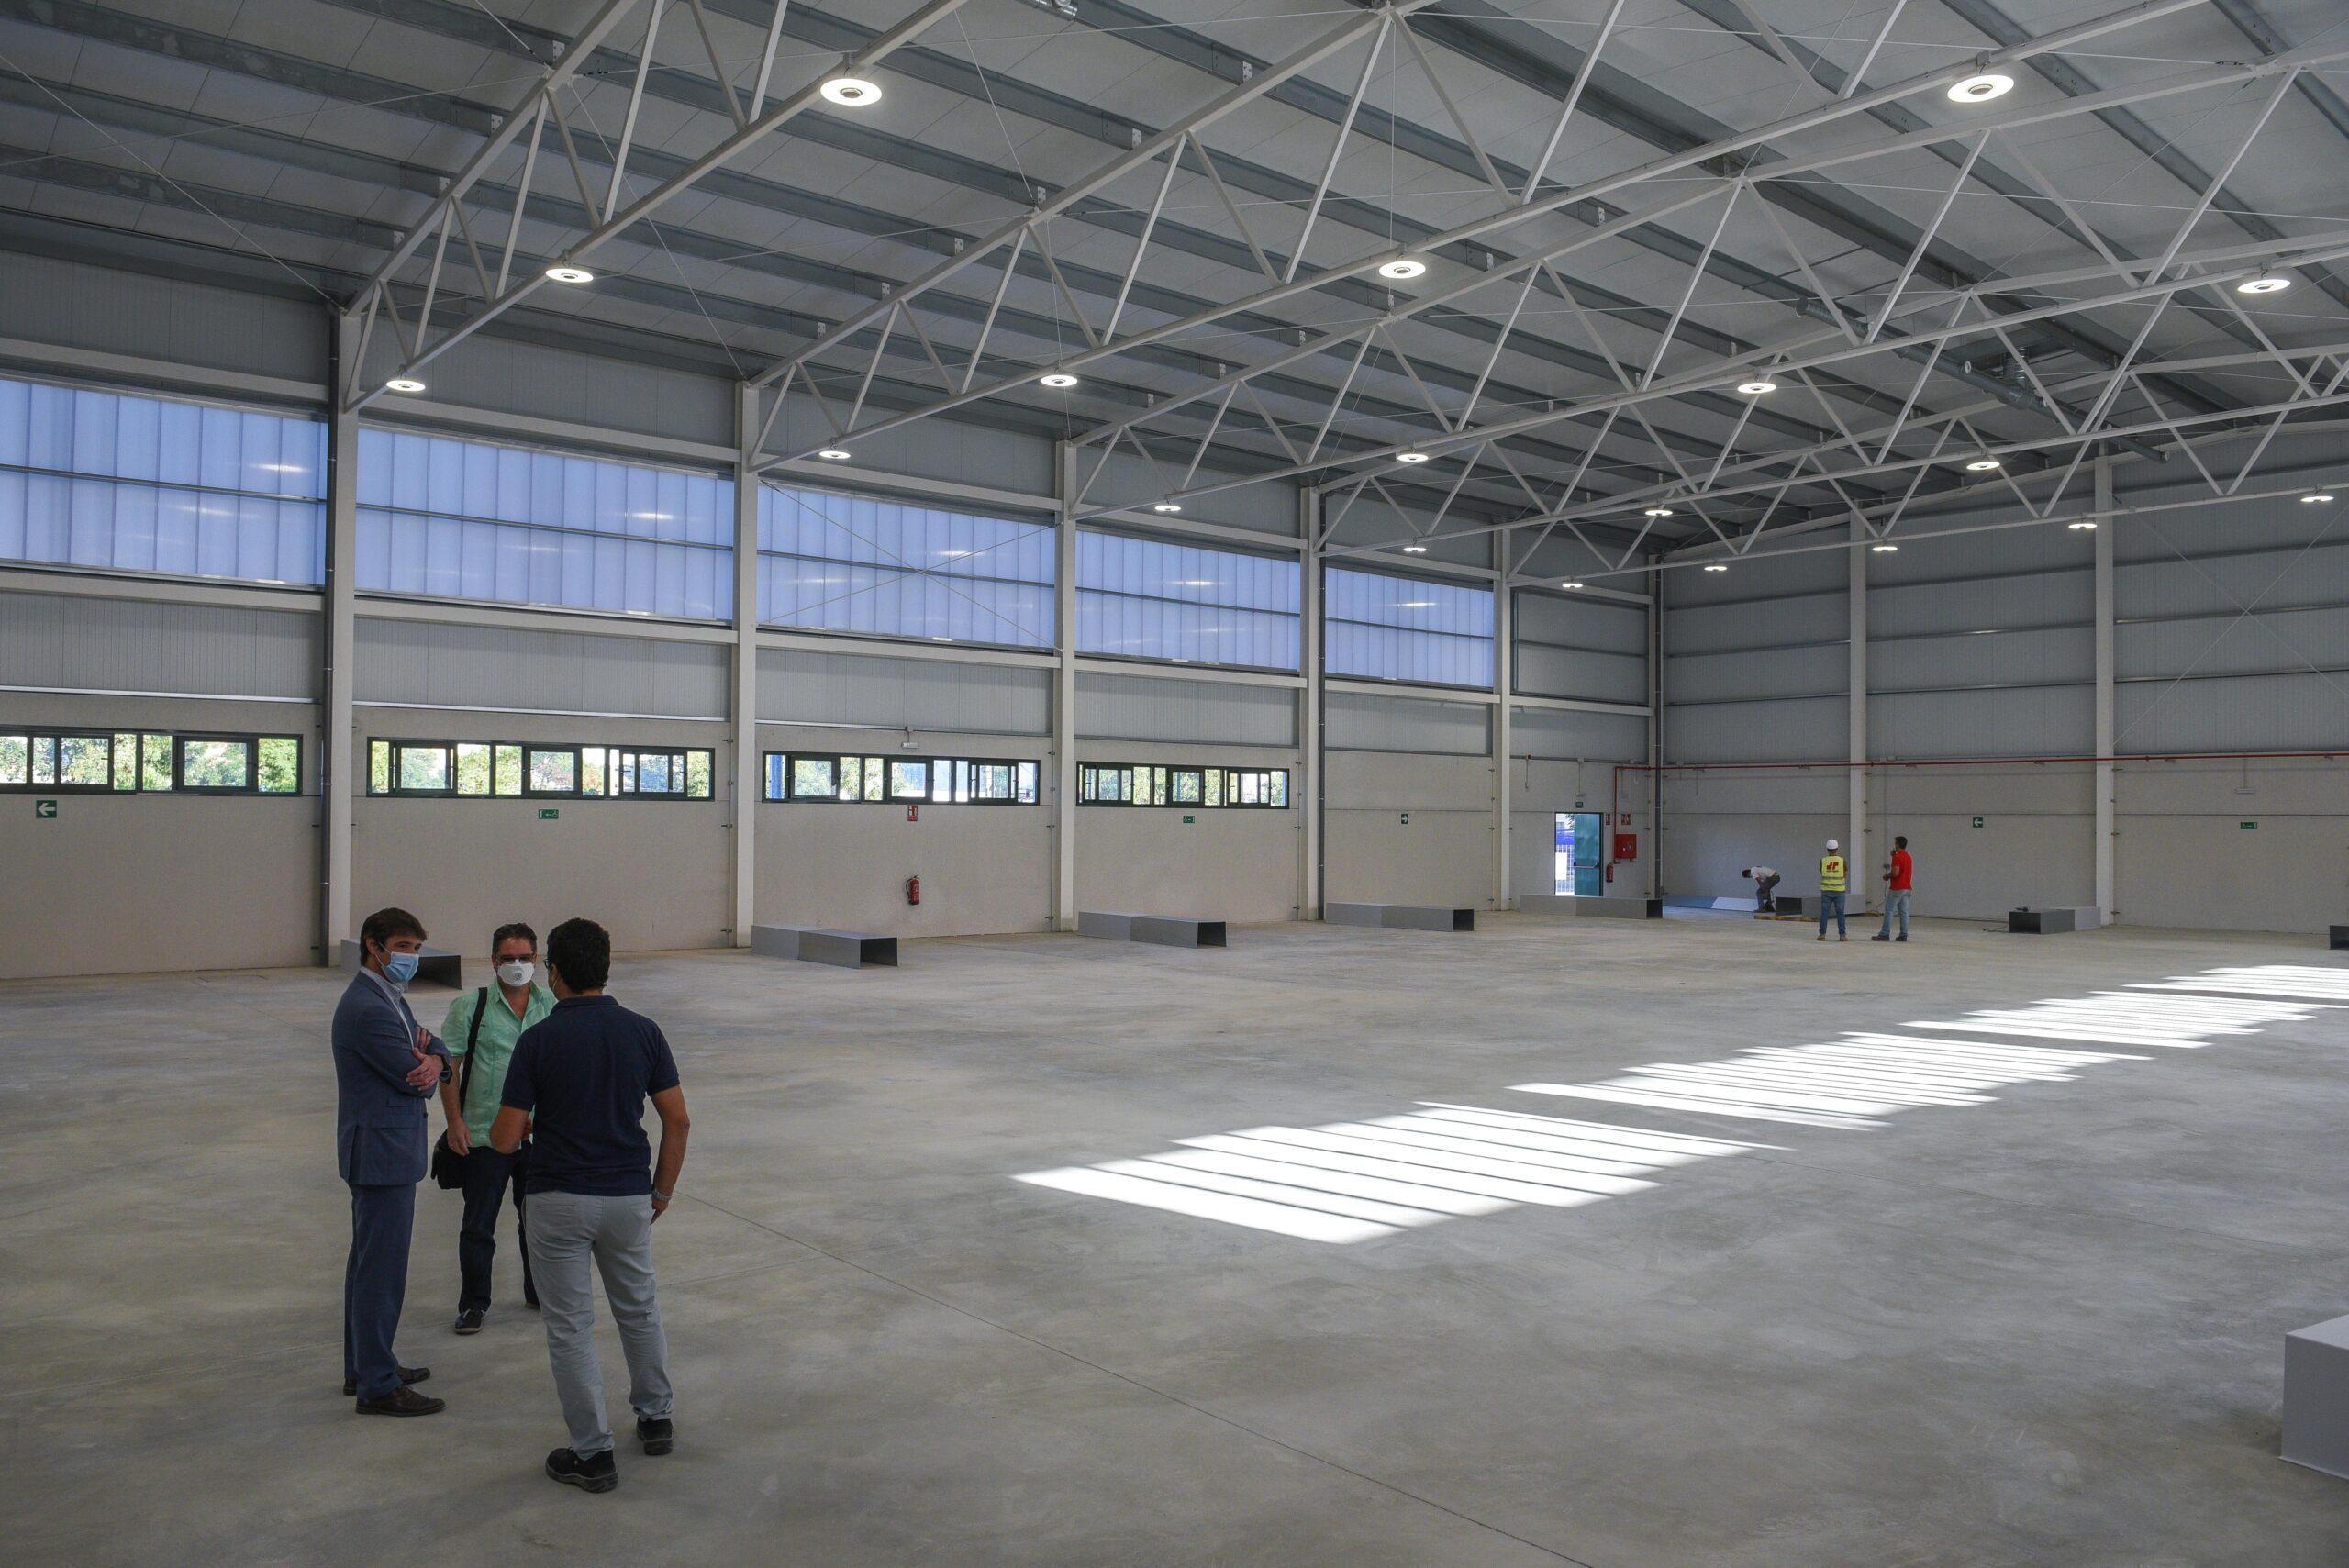 El nuevo Pabellón Deportivo de San Jerónimo estará listo en otoño